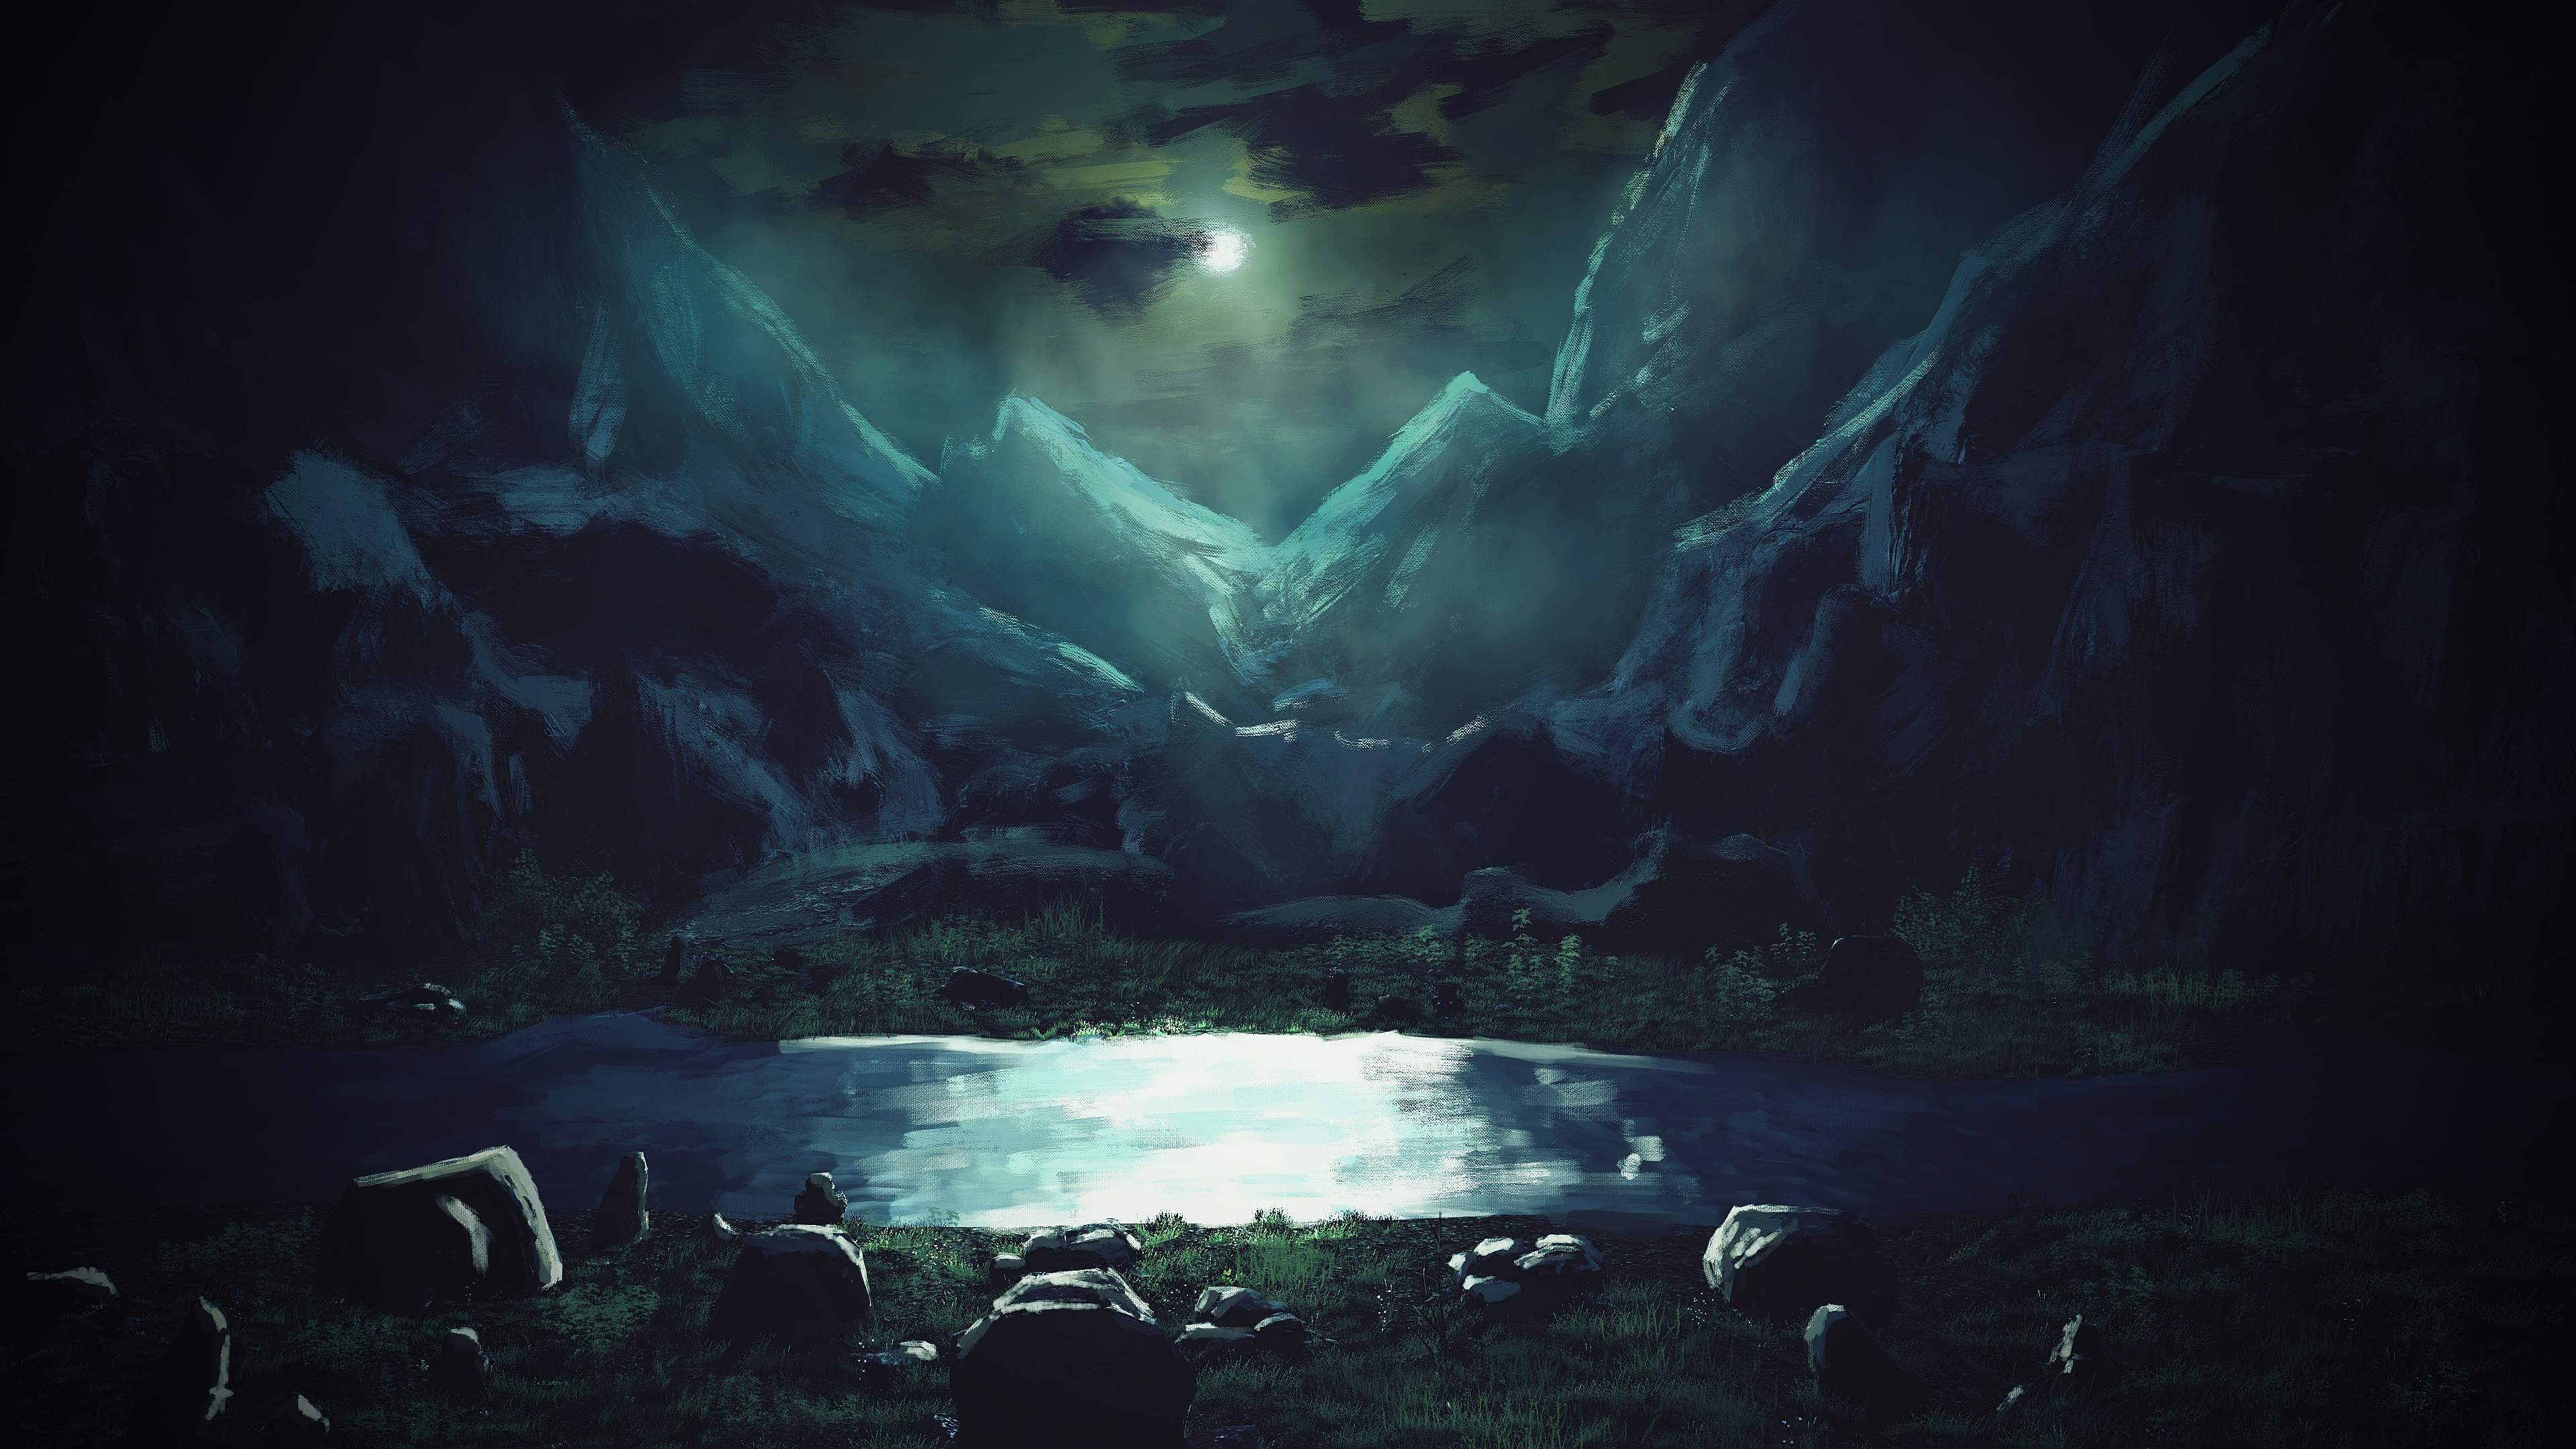 壁紙 3840x2160 山 描かれた壁紙 夜 月 自然 ダウンロード 写真